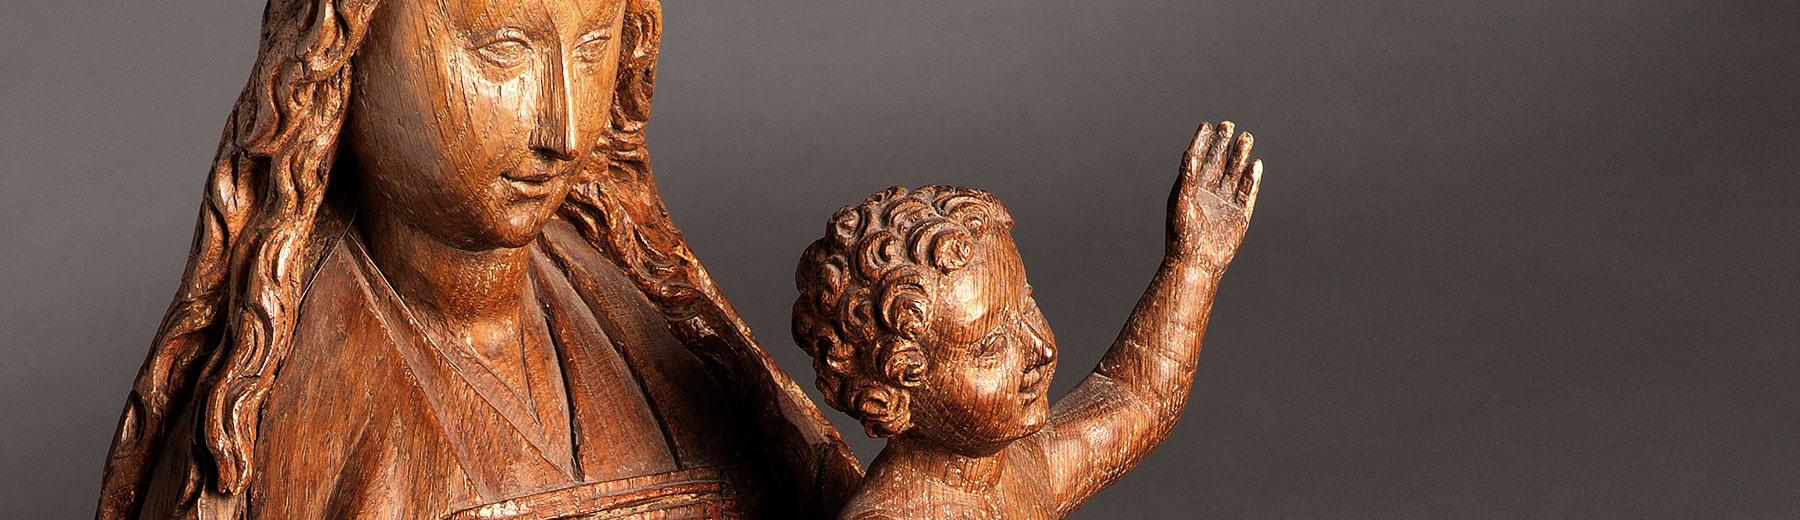 Virgin and child, oak, Leuven (?), ca. 1480(copyright: M - Museum Leuven | photography: Paul Laes)